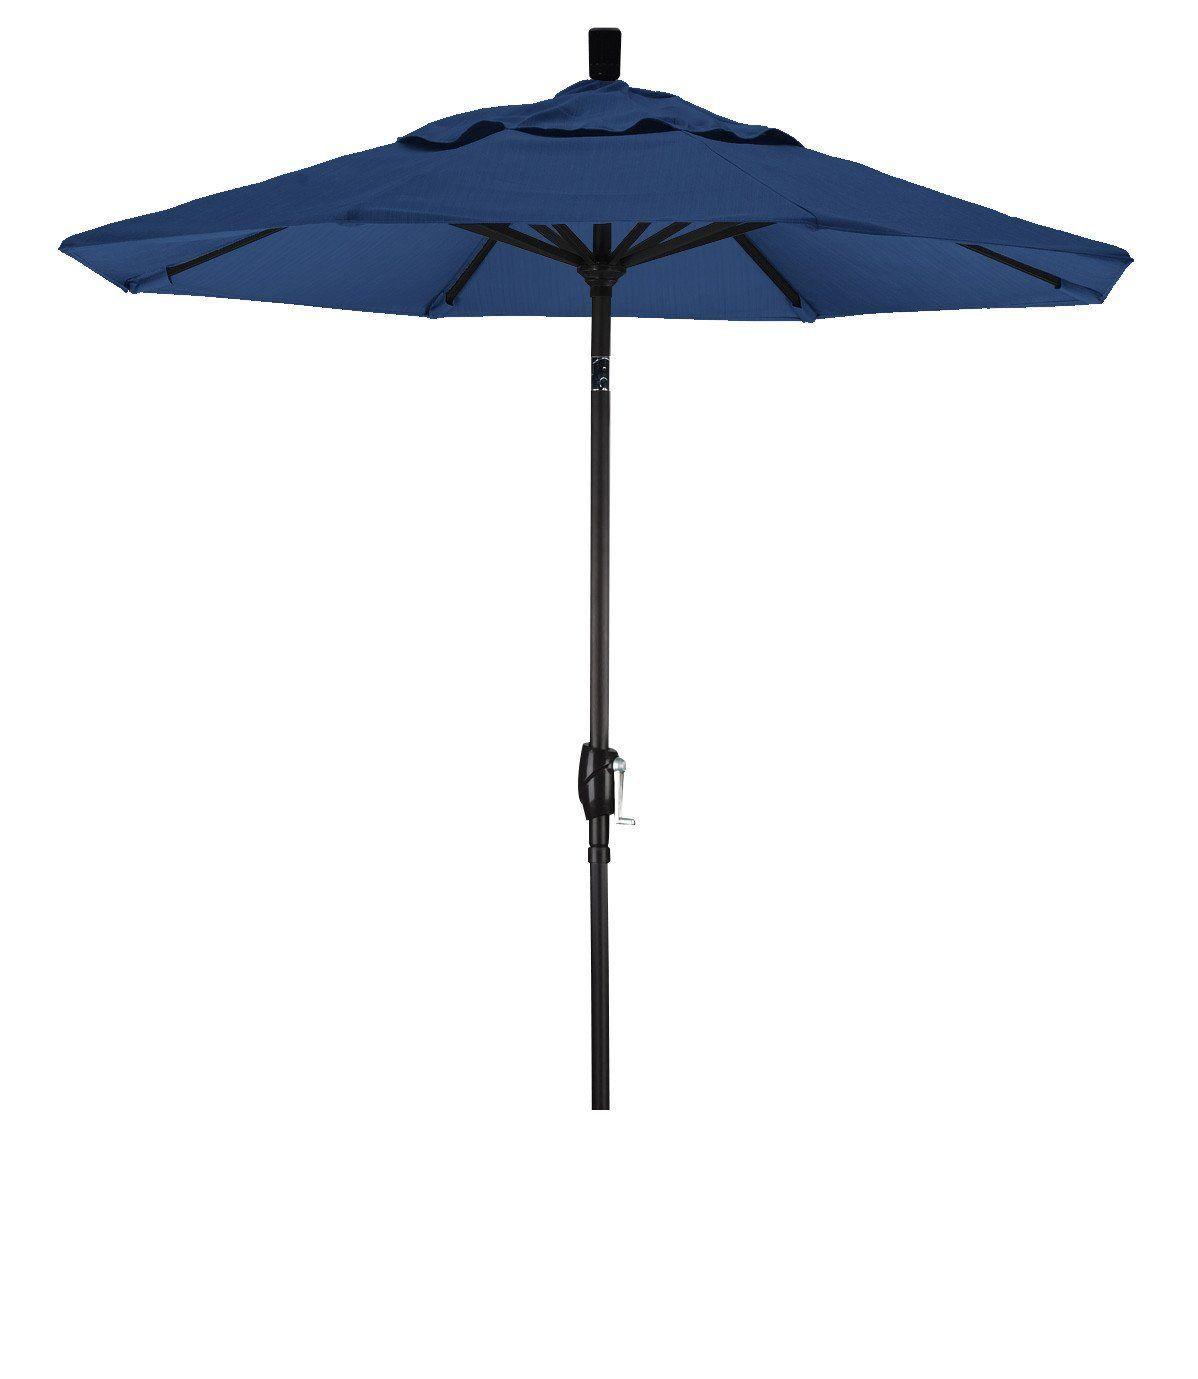 Eclipse Collection 7.5' Aluminum Market Umbrella Push Tilt M Black/Pacifica/Sapphire